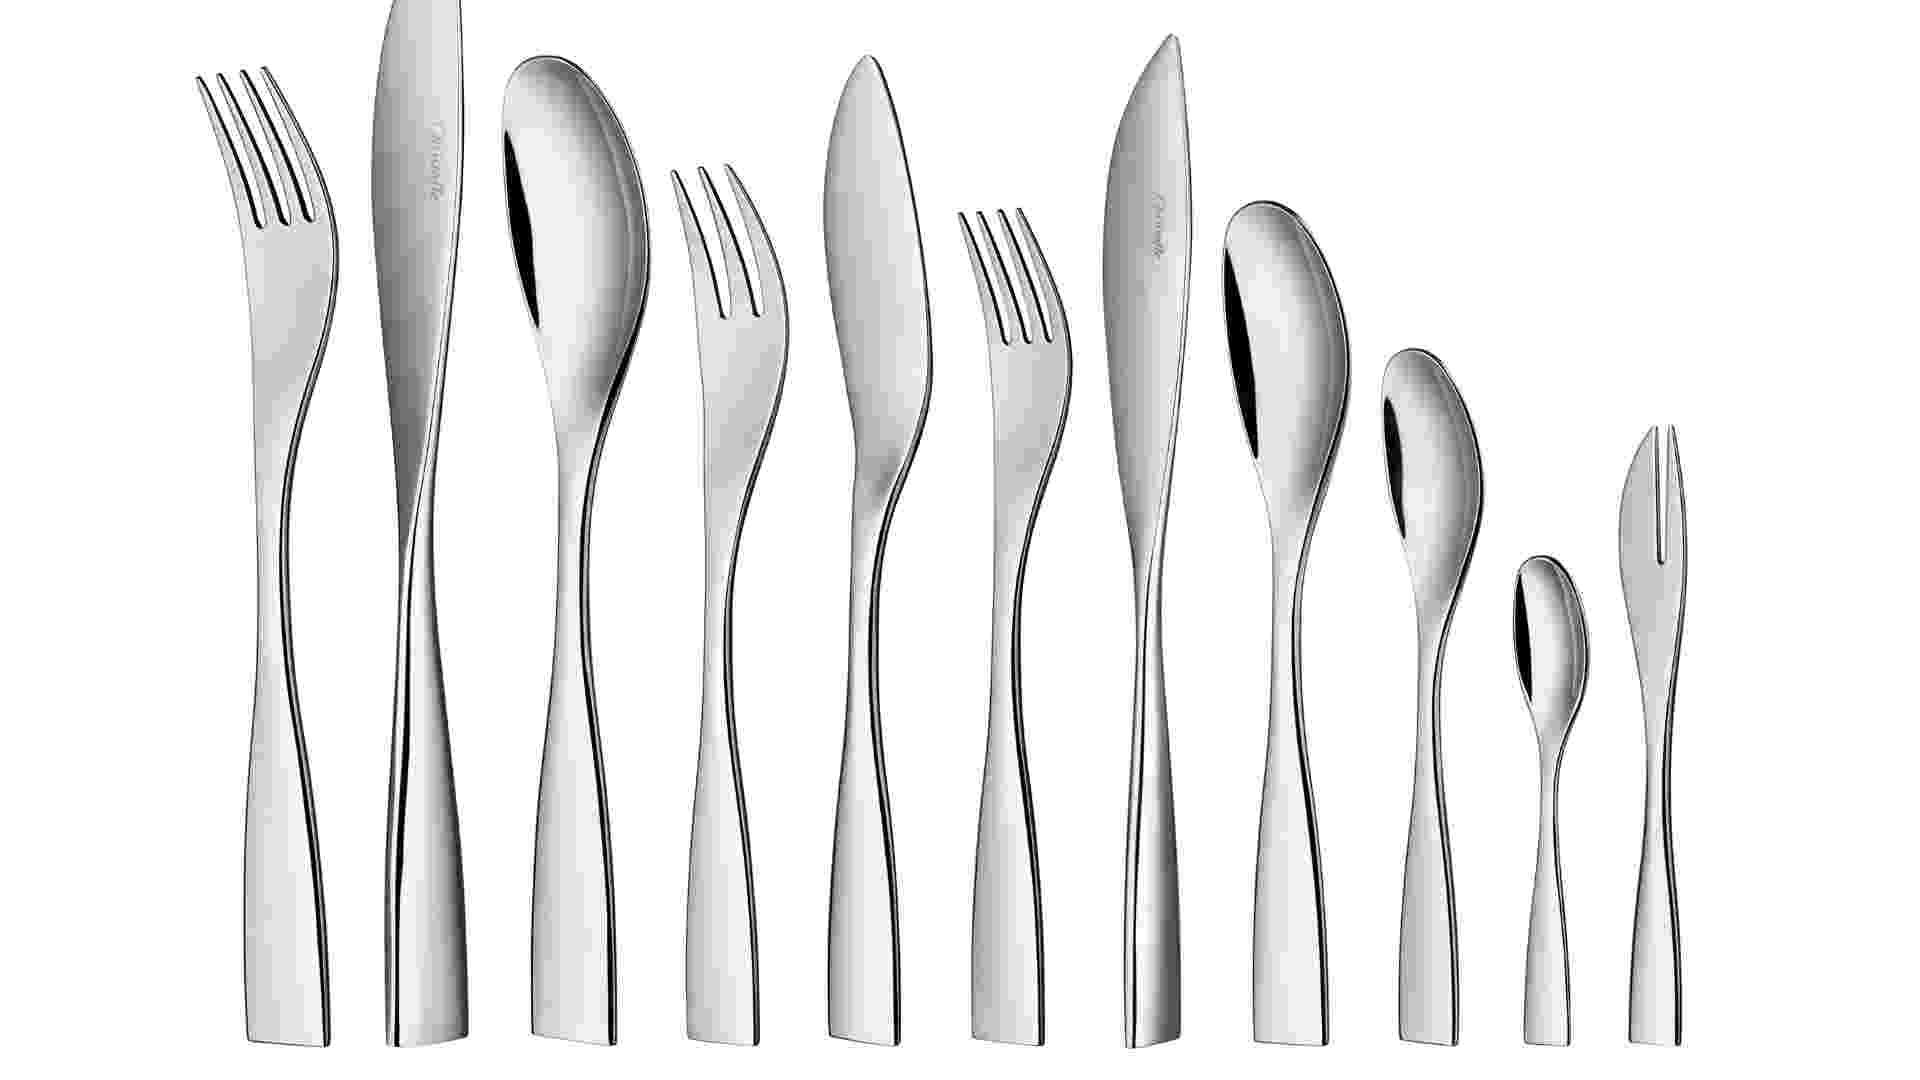 Do designer Claudio Colucci, o faqueiro da marca francesa Christofle é feito de aço inox. O conjunto com 48 peças custa R$ 2.900 na Christofle Brasil (11 3864-4288). Preços pesquisados em julho de 2012 e sujeitos a alterações - Divulgação